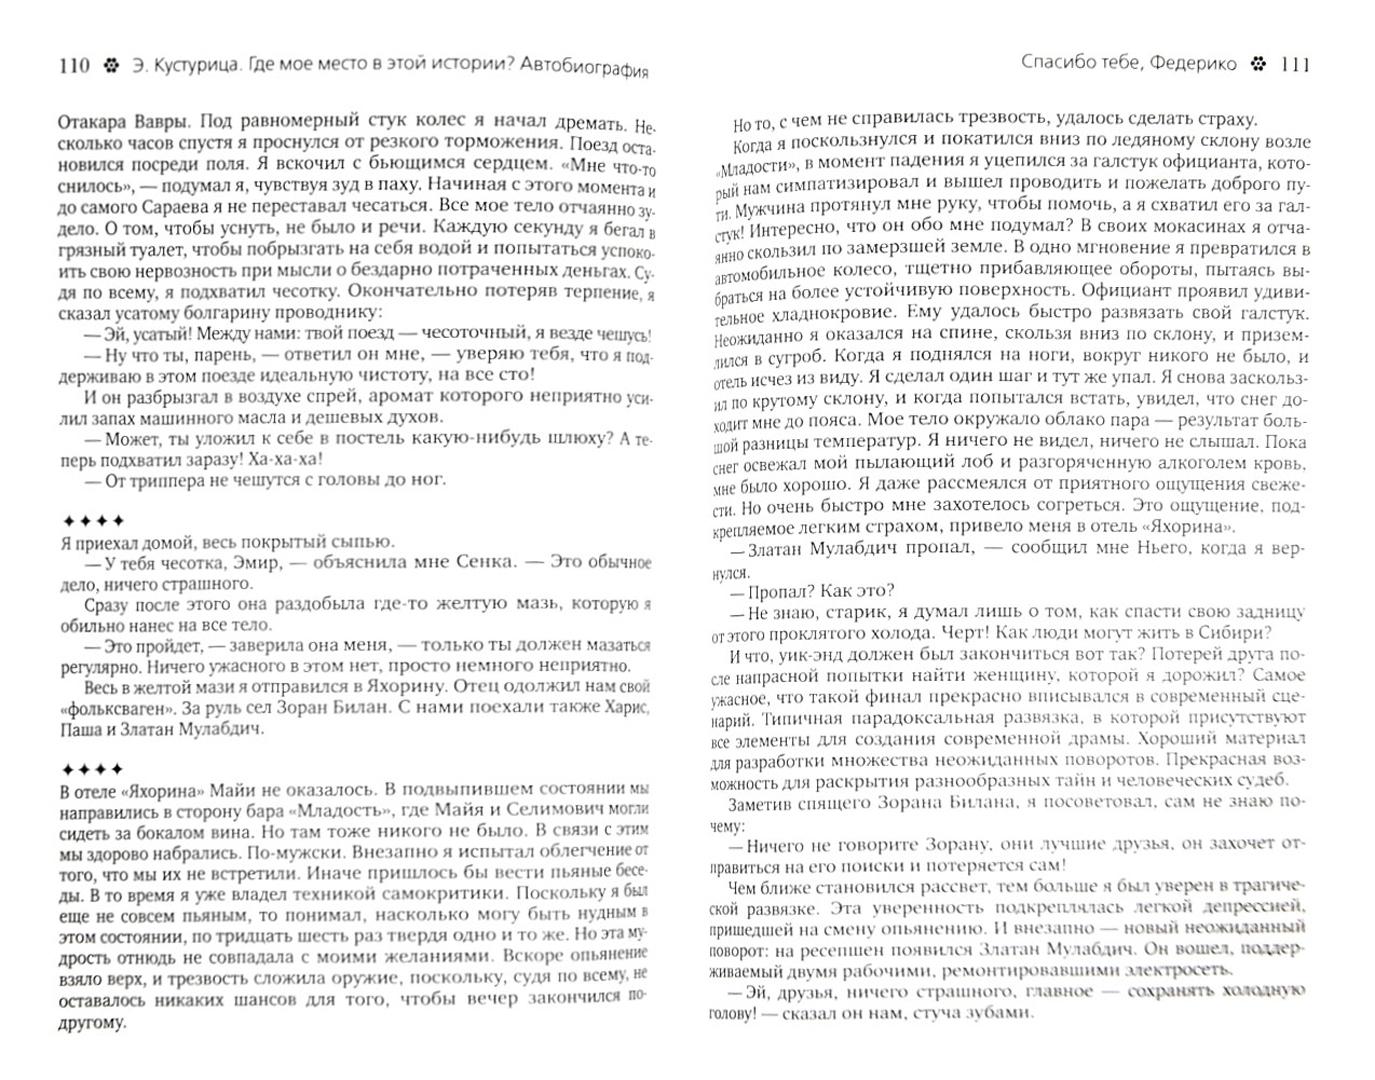 Иллюстрация 1 из 12 для Эмир Кустурица. Где мое место в этой истории? Автобиография - Кустурица   Лабиринт - книги. Источник: Лабиринт